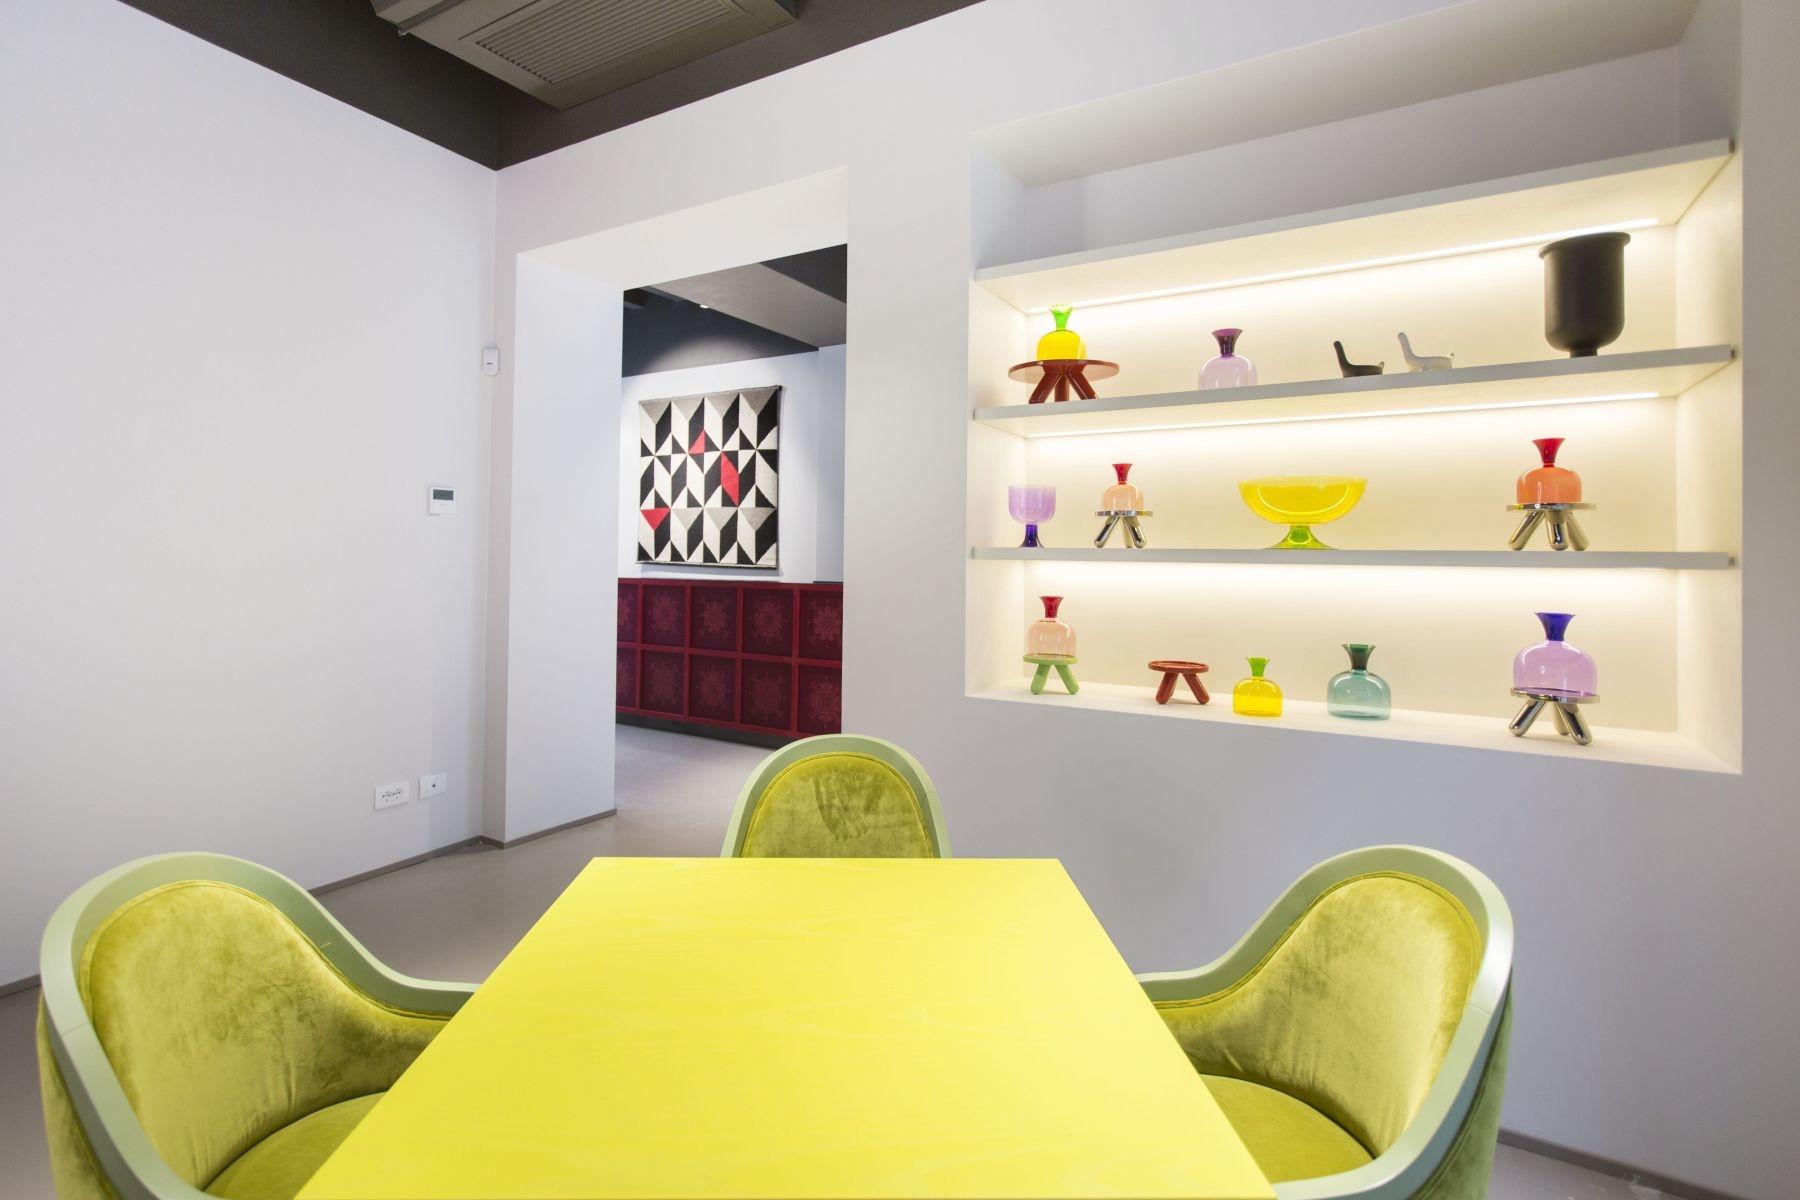 Savona 18 Suites: дизайн-отель Альдо Чибика в Милане (галерея 4, фото 2)